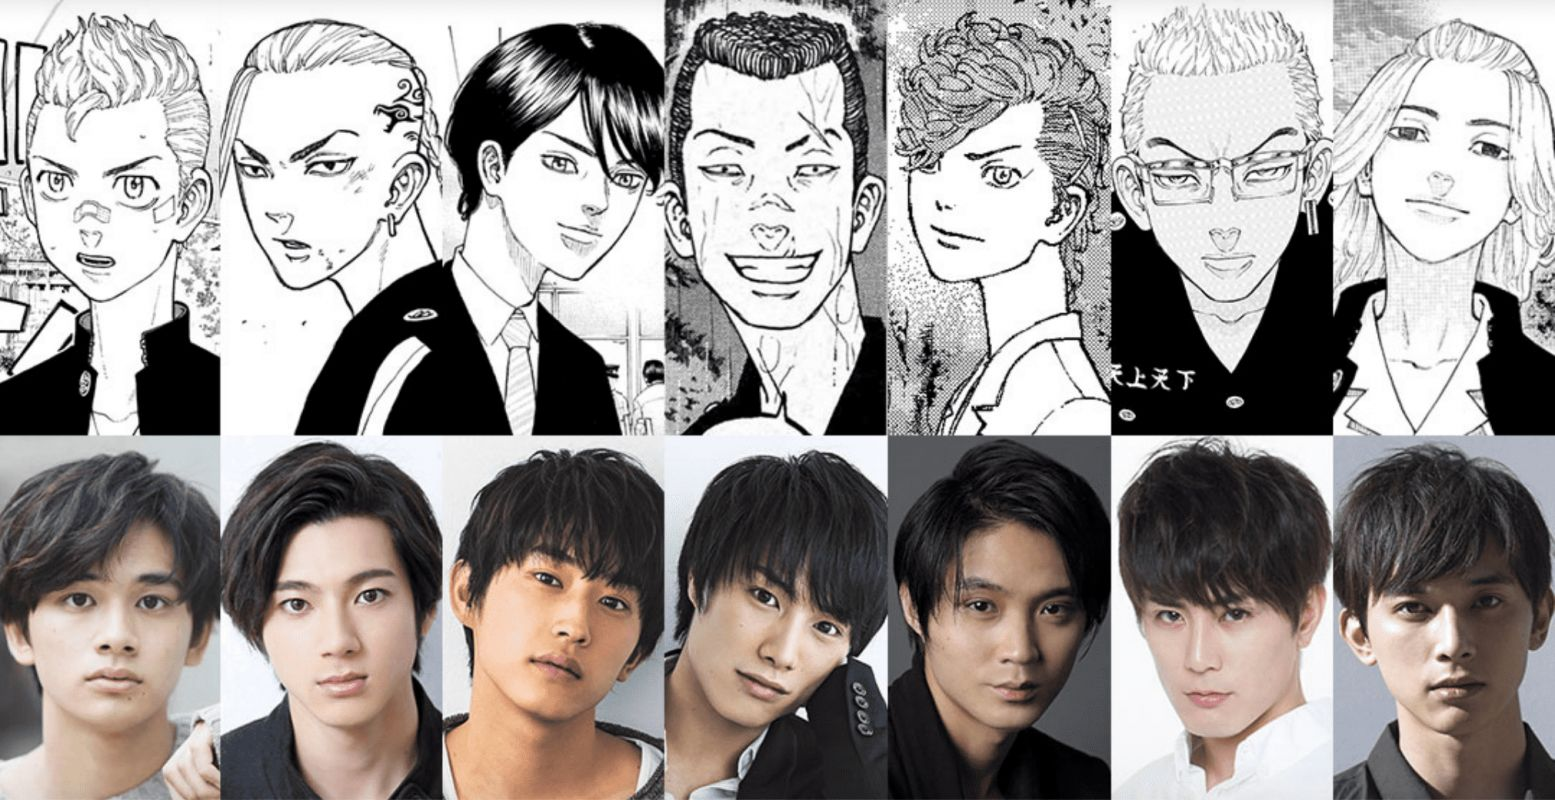 Découvrez le casting de la version live-action du manga Tokyo Revengers !